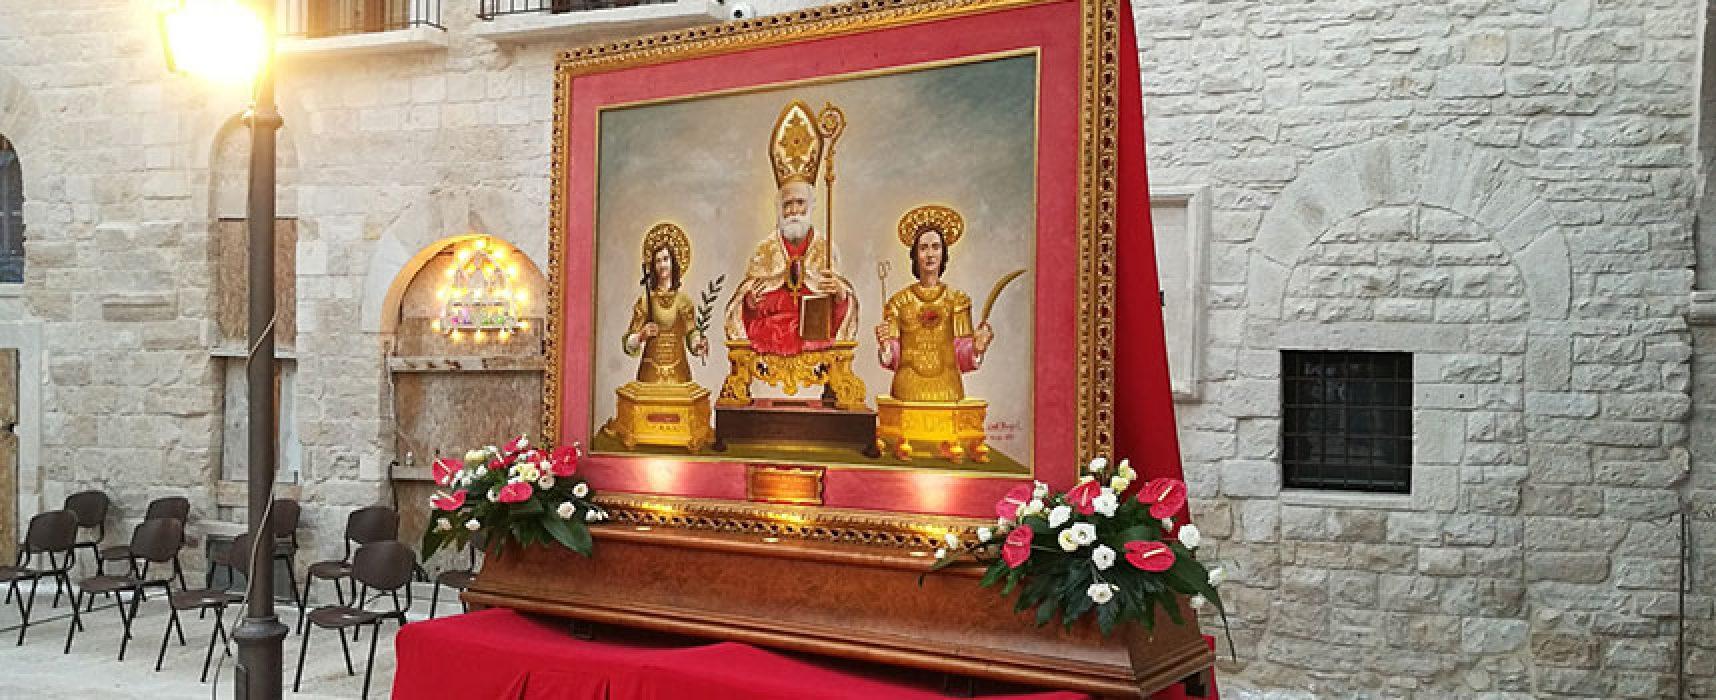 Santi Patroni di Bisceglie, celebrata messa nell'anniversario del martirio / FOTO